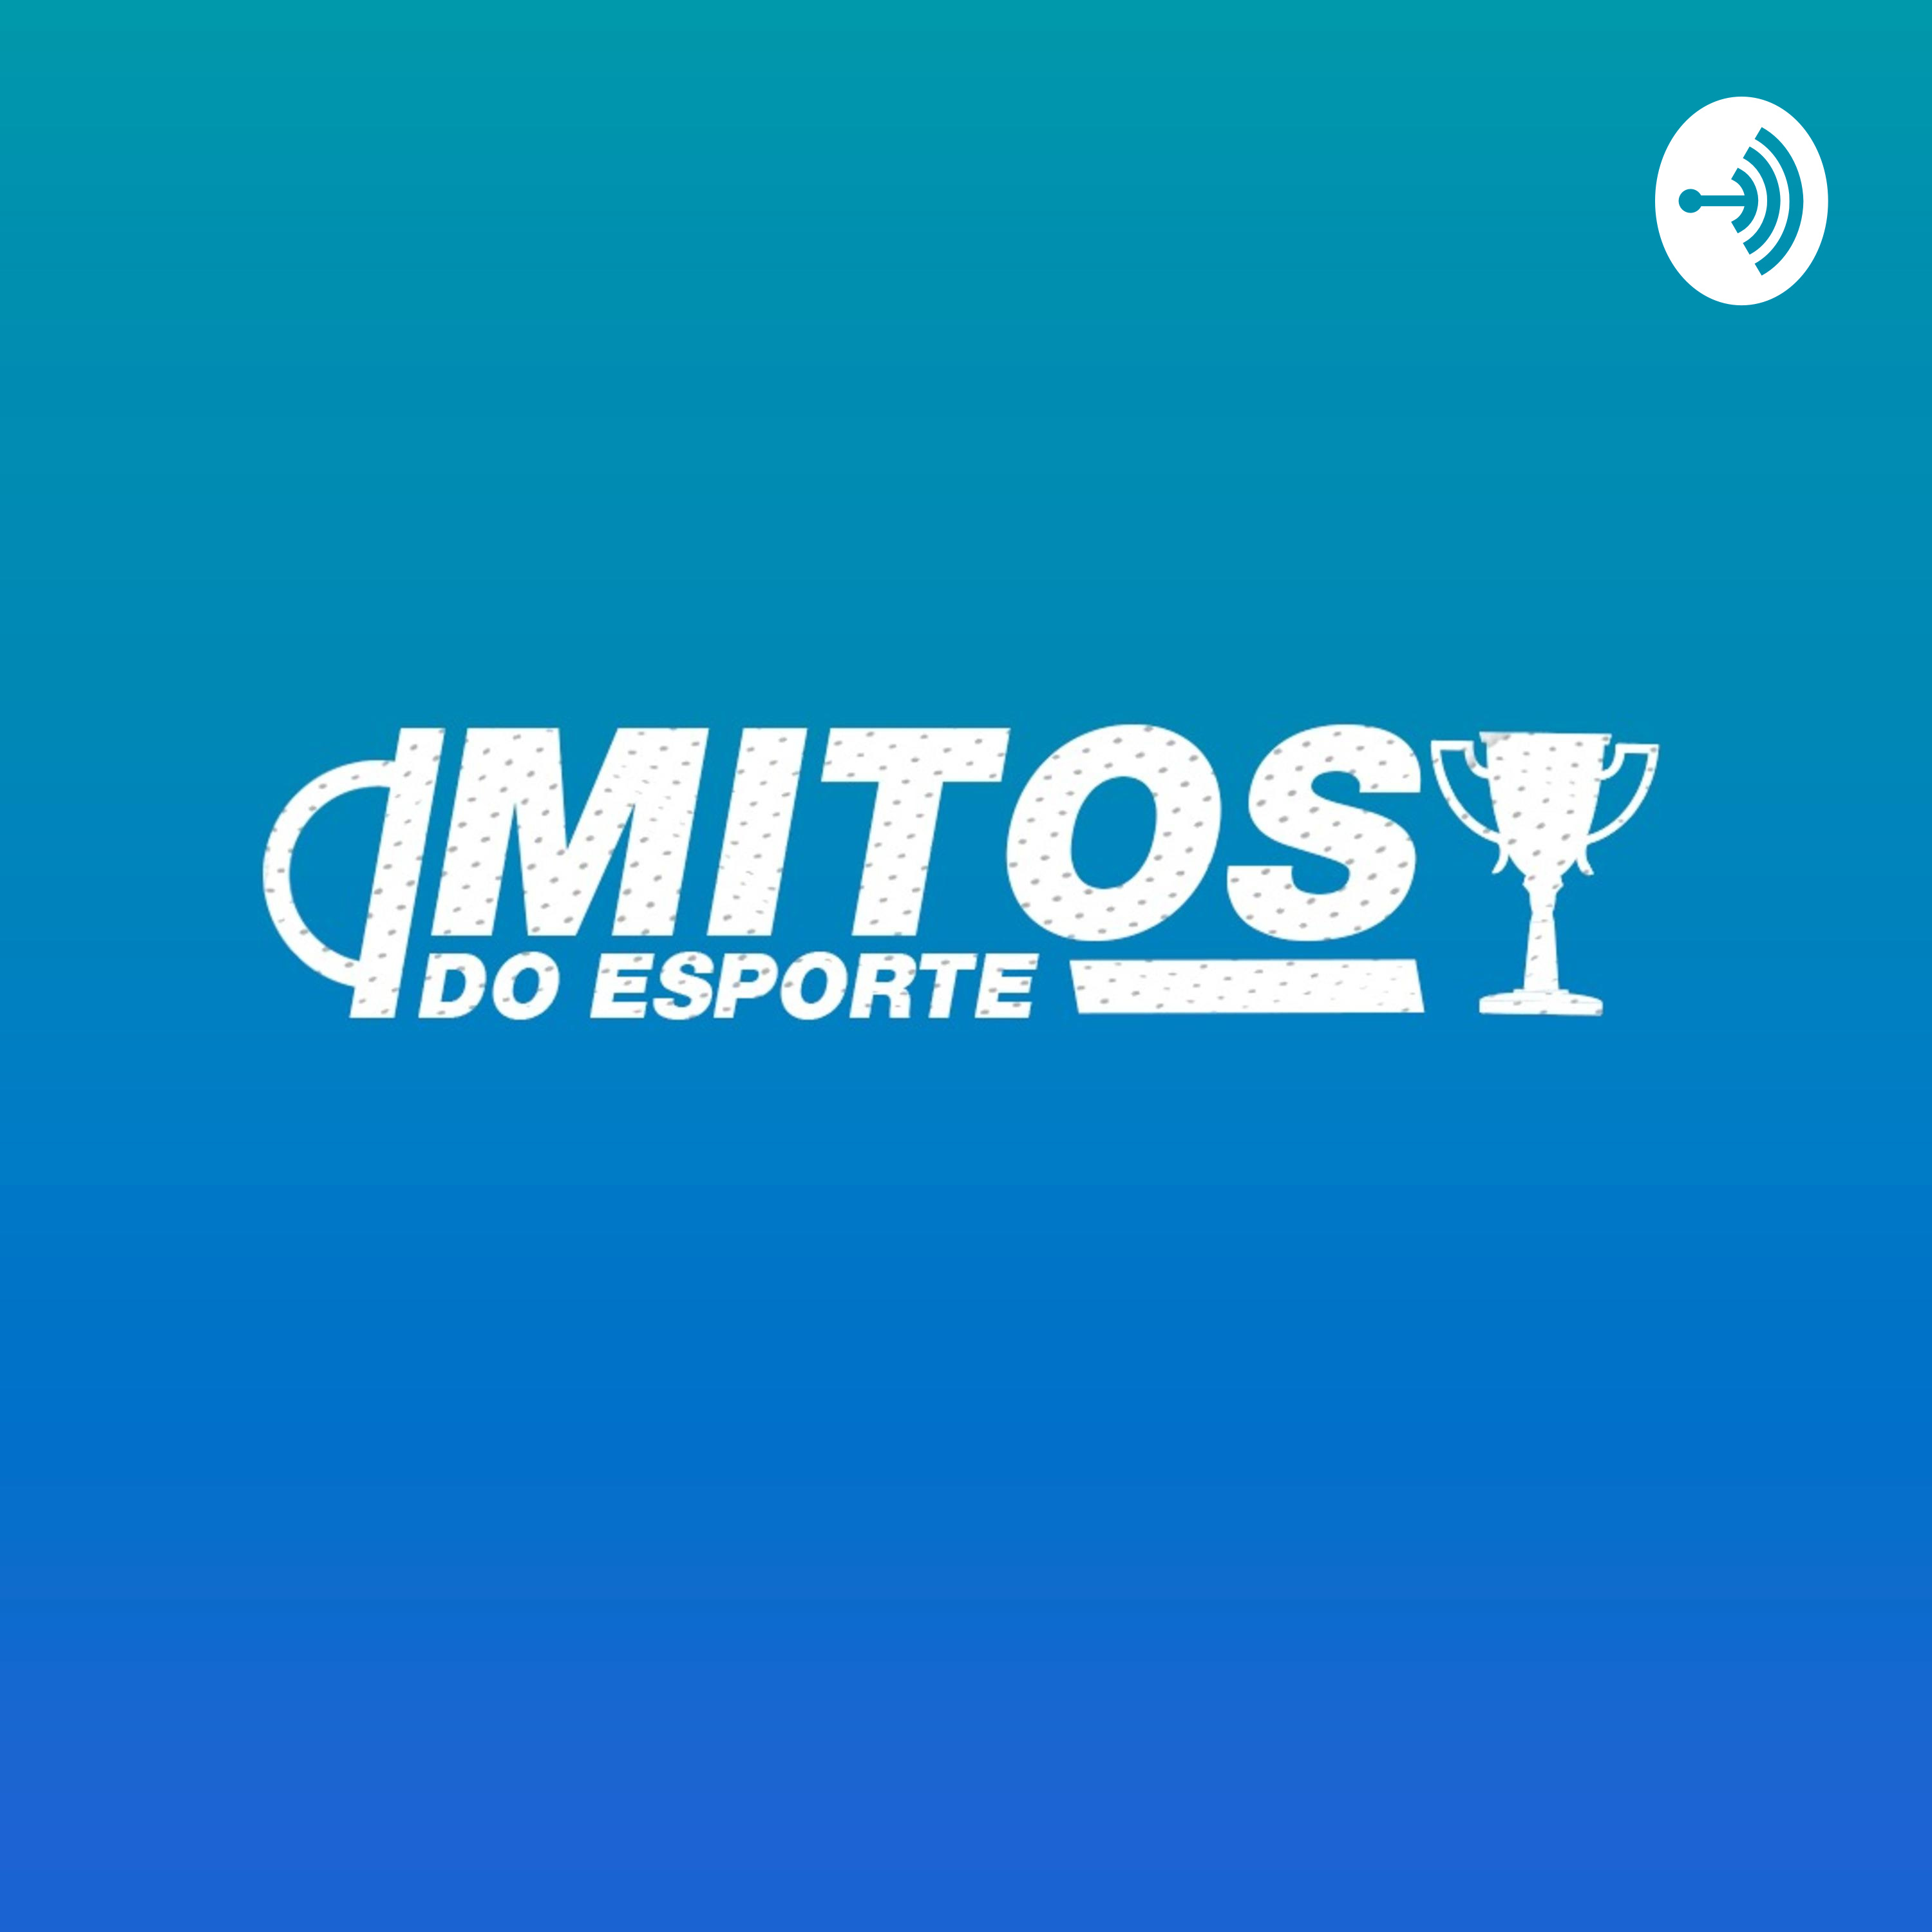 # 09 - Retorno do Campeonato Paranaense/ LEC X CAP/ Saída de Jorge Jesus do Flamengo